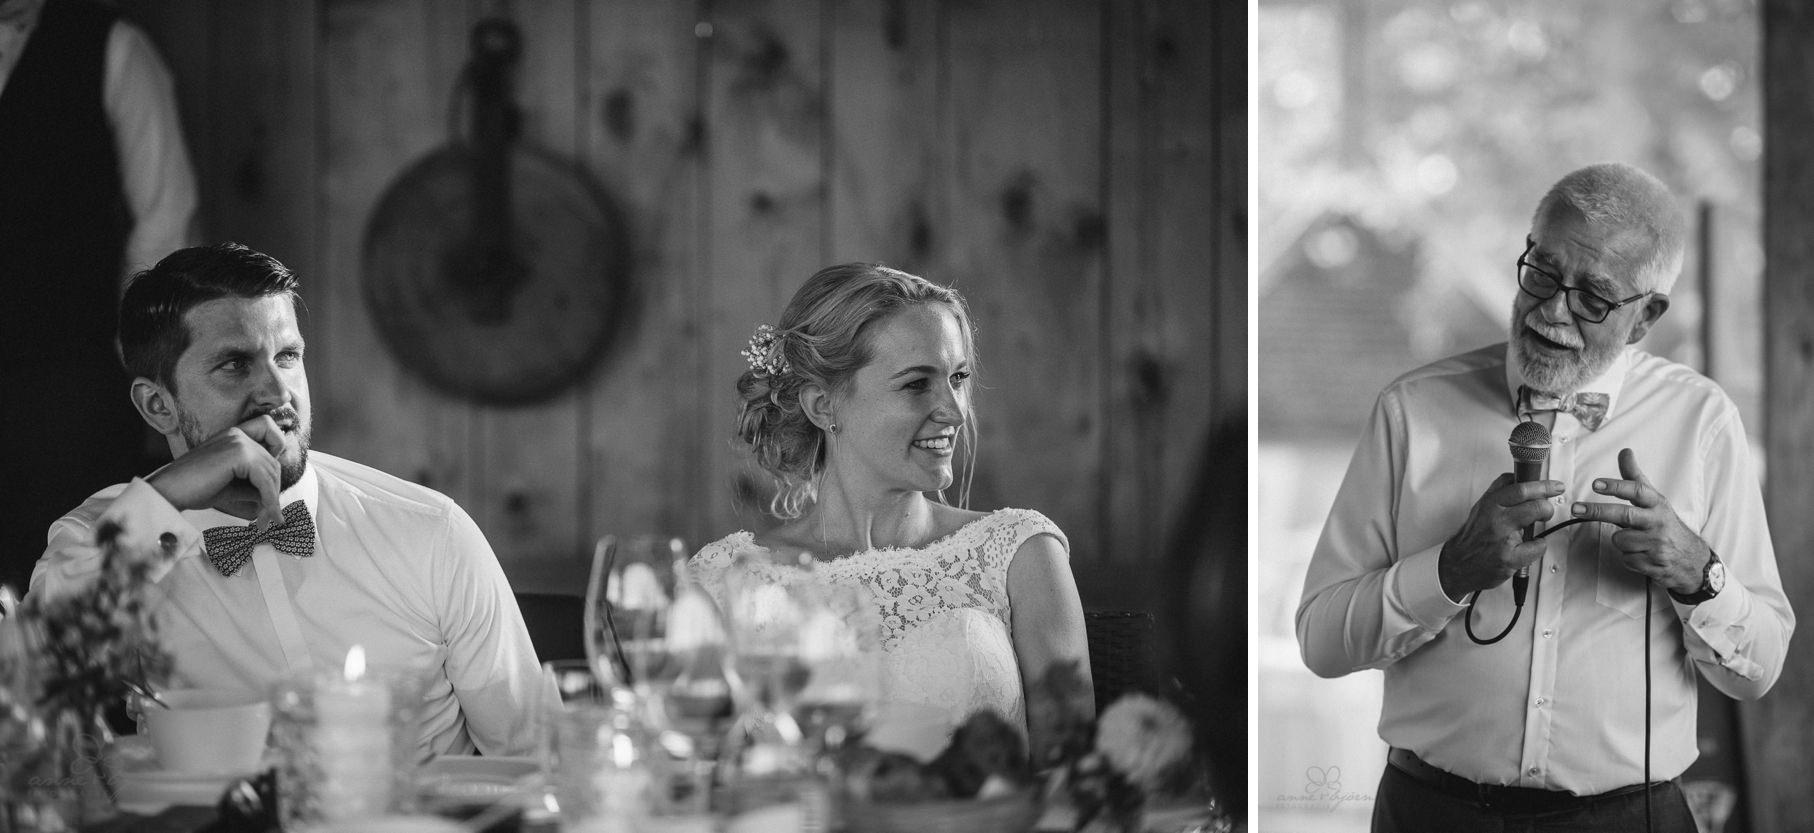 0119 anne und bjoern hochzeit schweiz d75 1809 - DIY Hochzeit in der Schweiz - Sabrina & Christoph